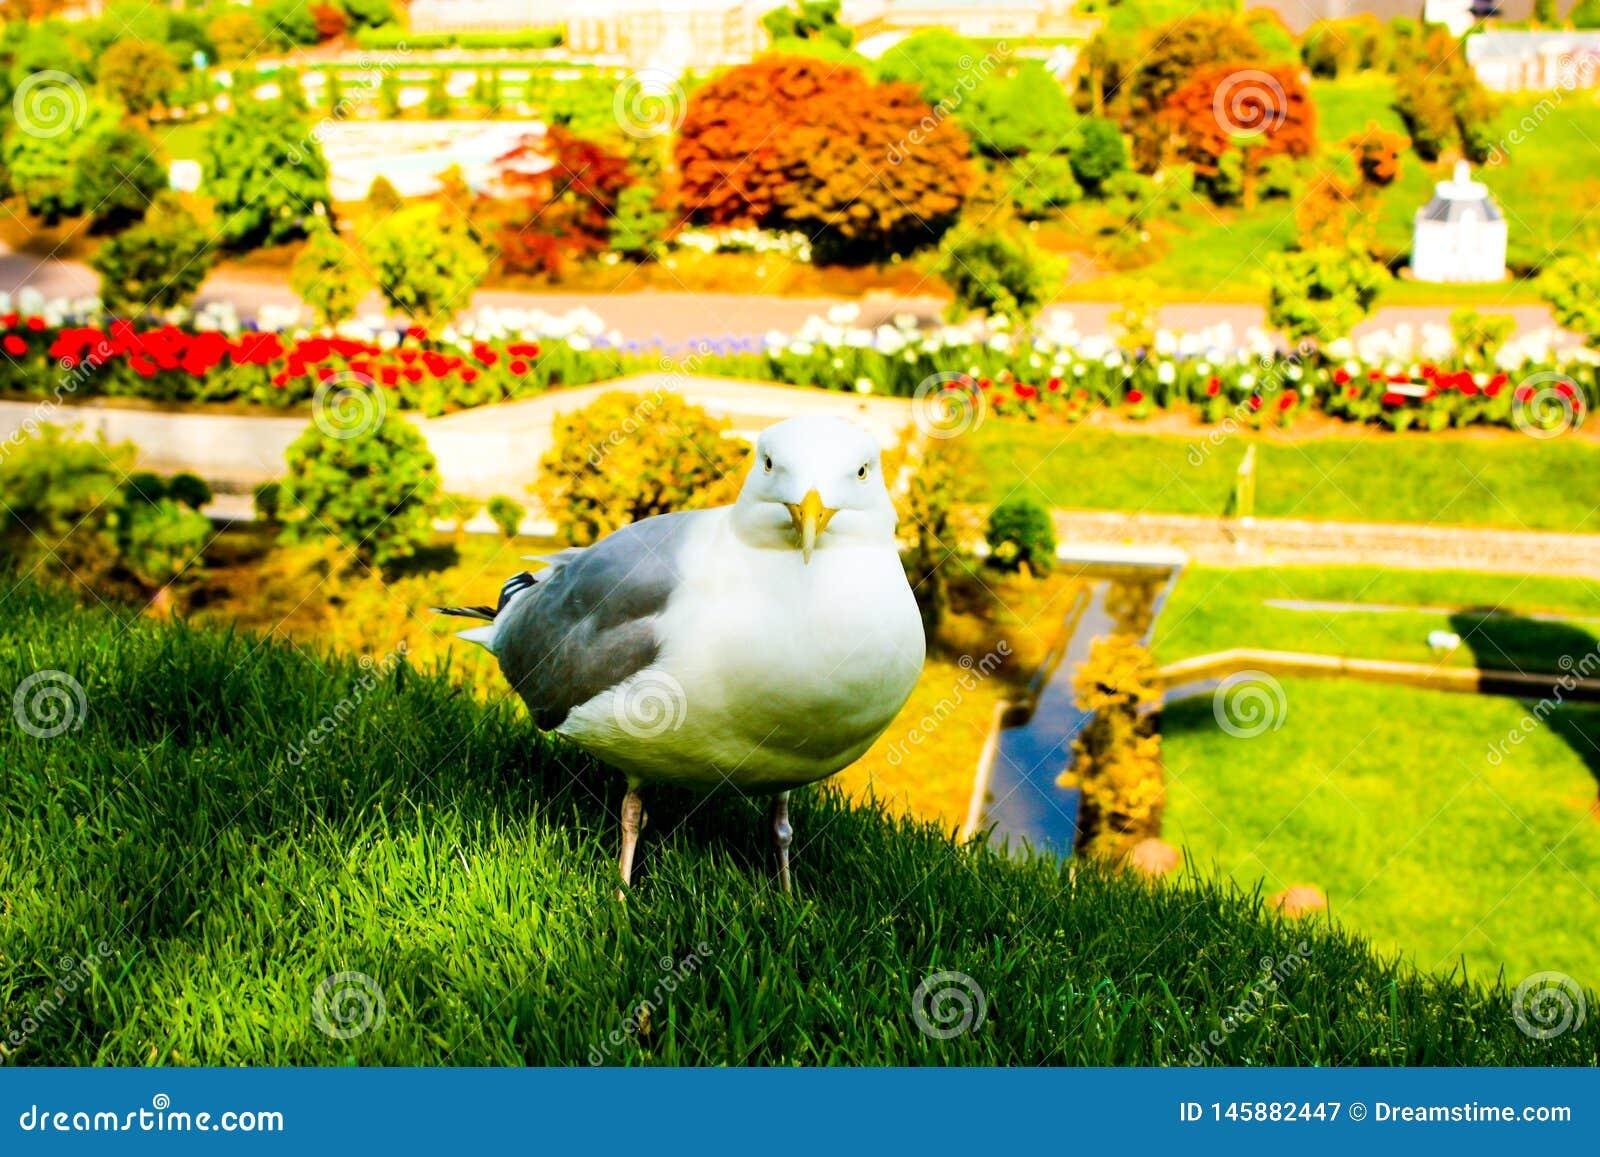 Tulip?n muy bonito y hermoso como una campana en el primero plano